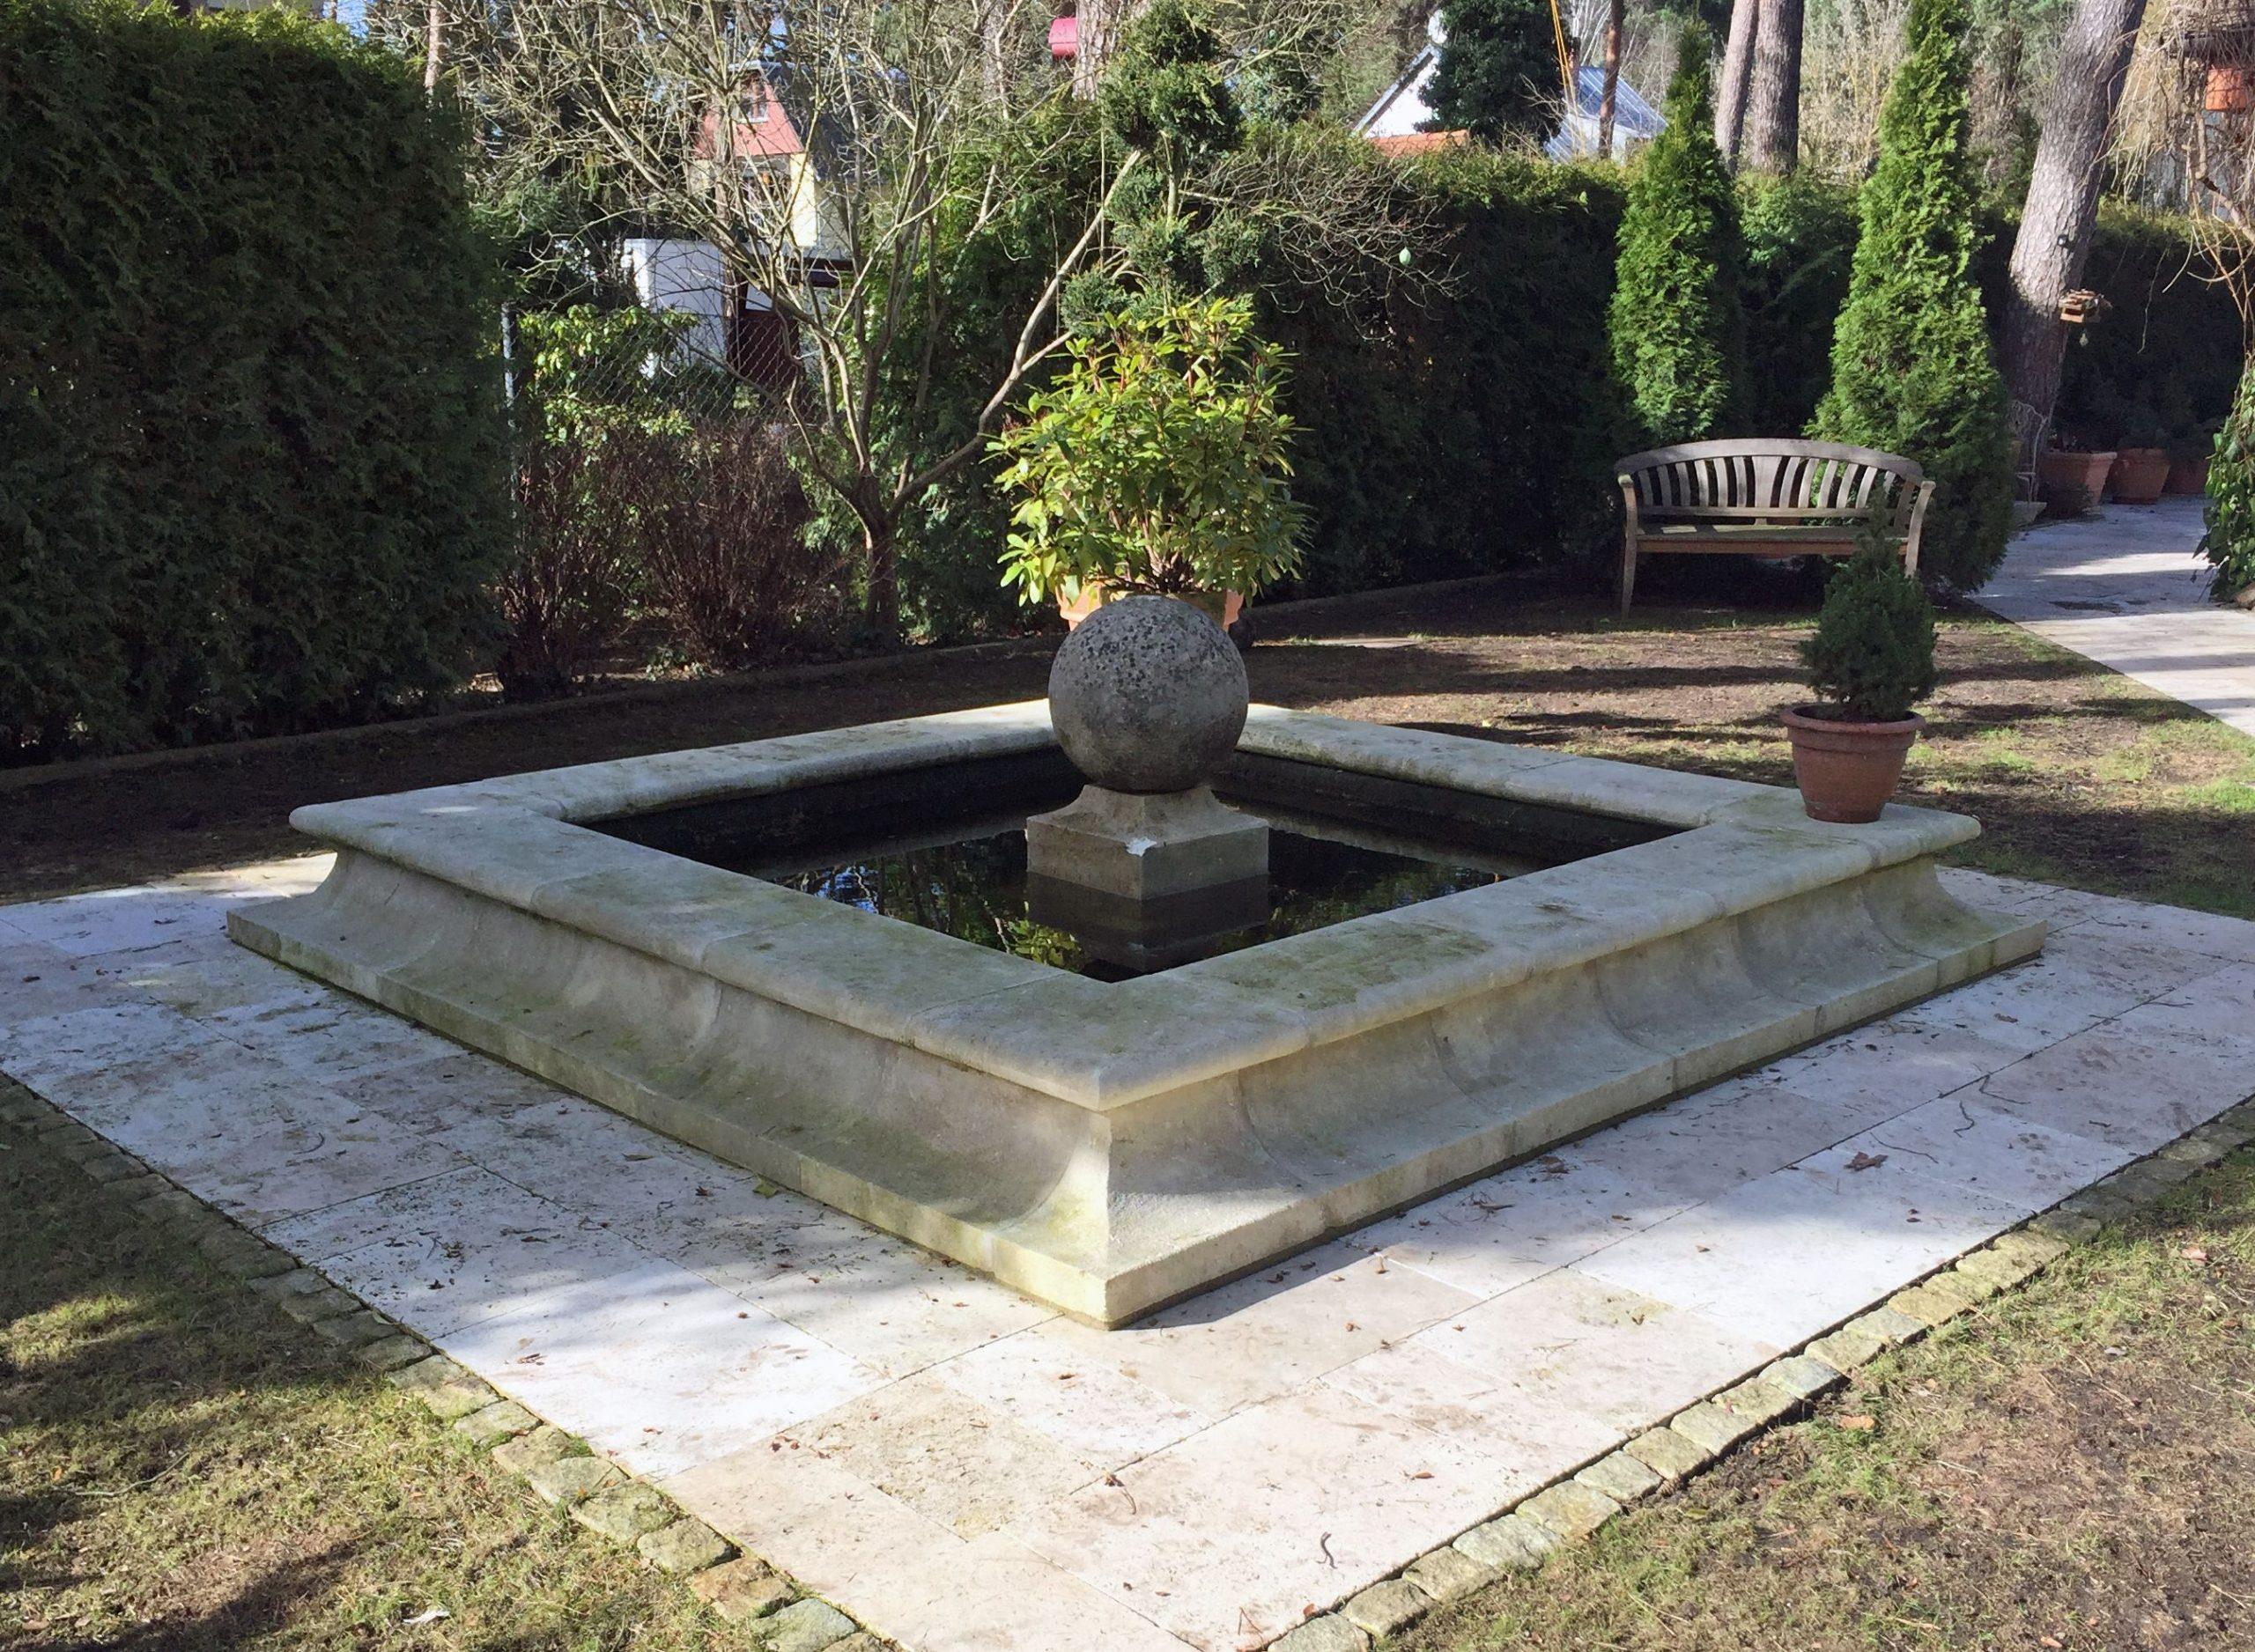 Ce Bassin De Décoration De Jardin En Pierre De Provence Est ... destiné Bassin De Jardin En Pierre